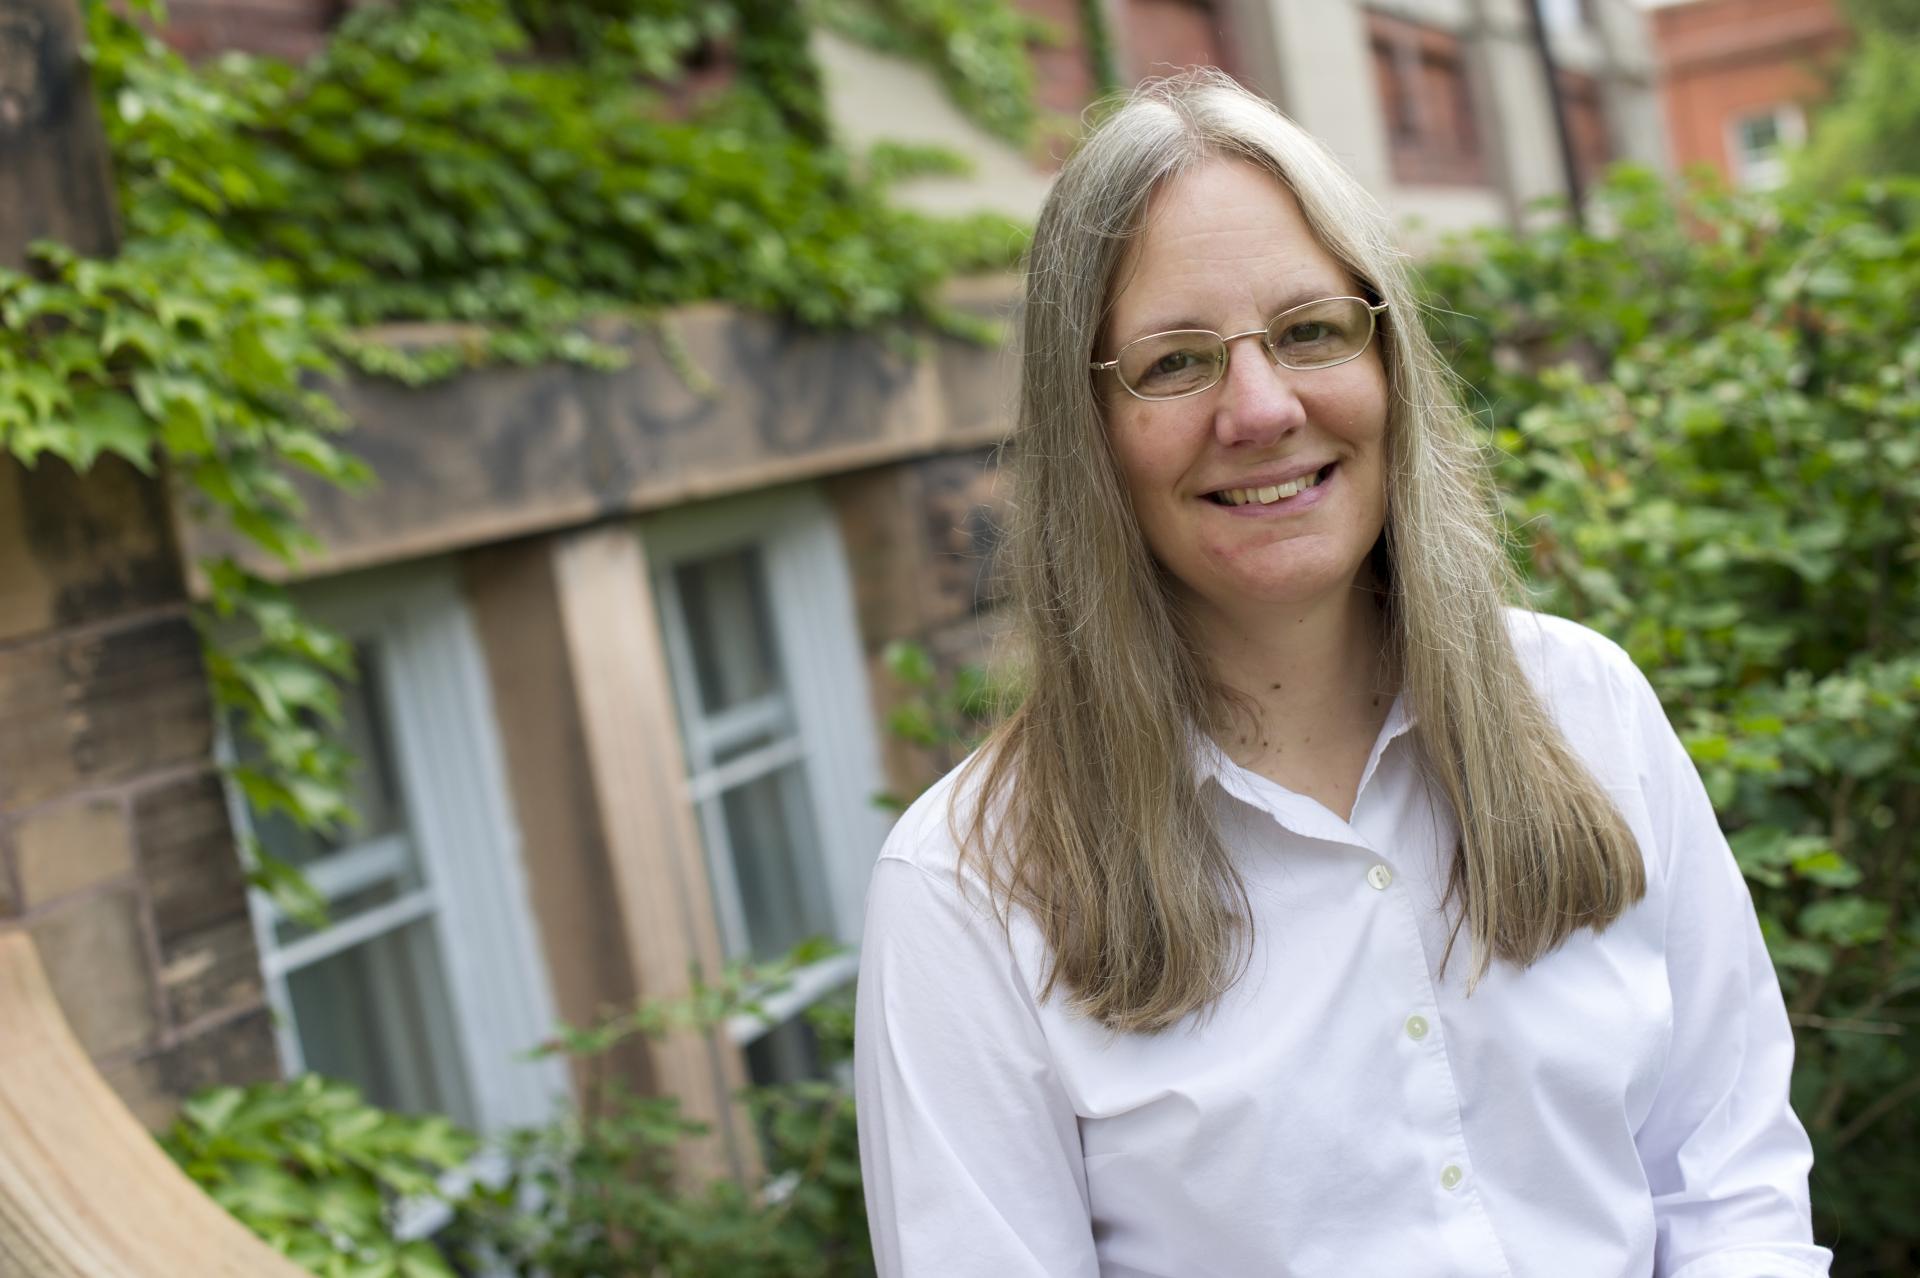 Laura Rediehs, associate professor of philosophy